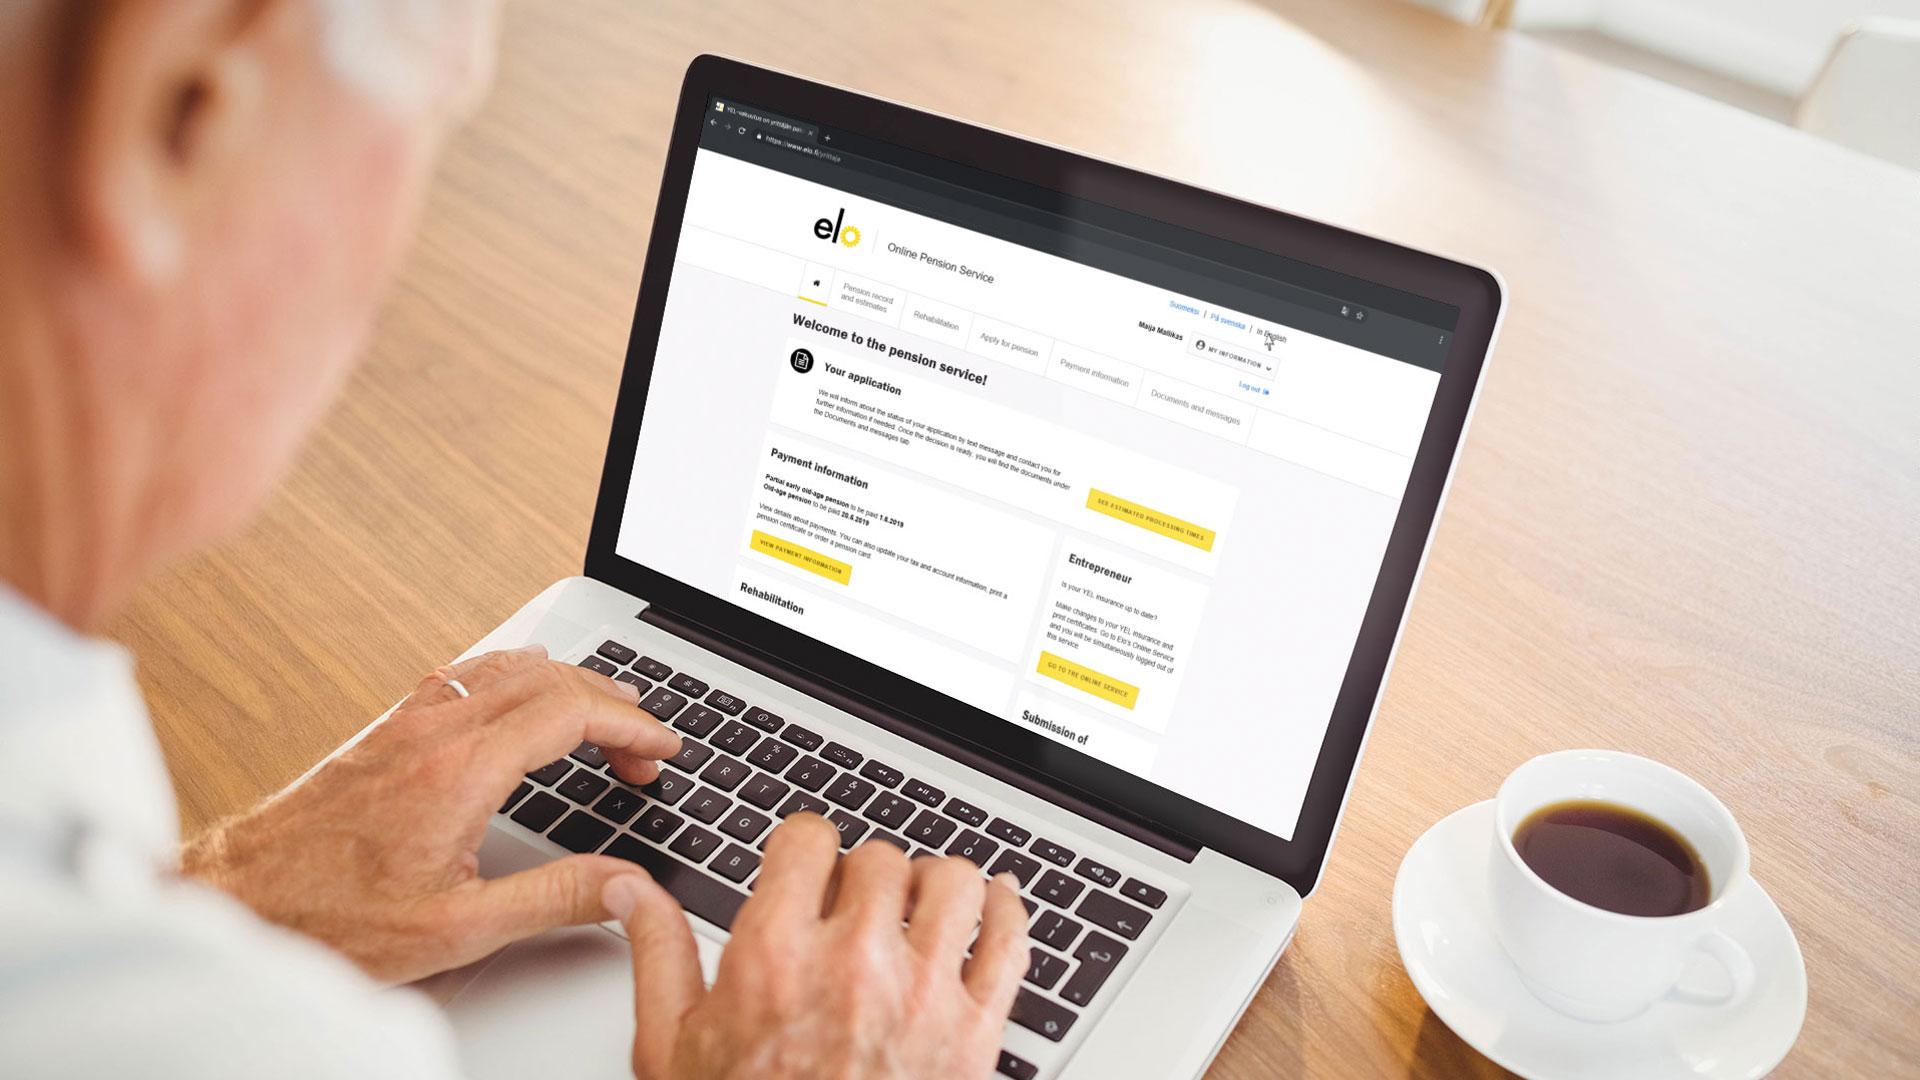 Työeläkeyhtiö Elo – Ihmislähtöistä eläkeasiointia